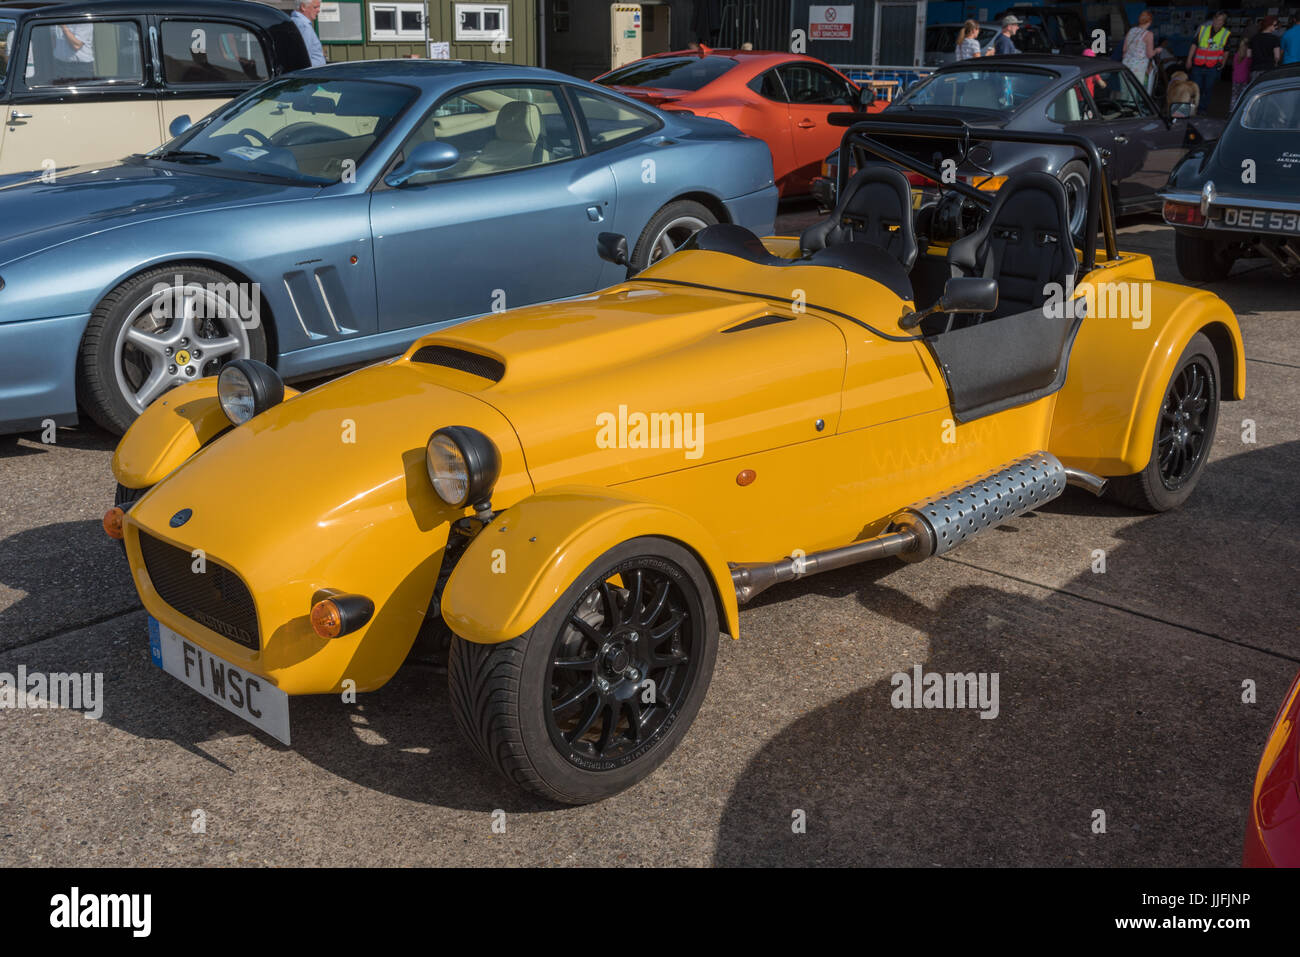 Westfield Sports Car Stock Photo Alamy